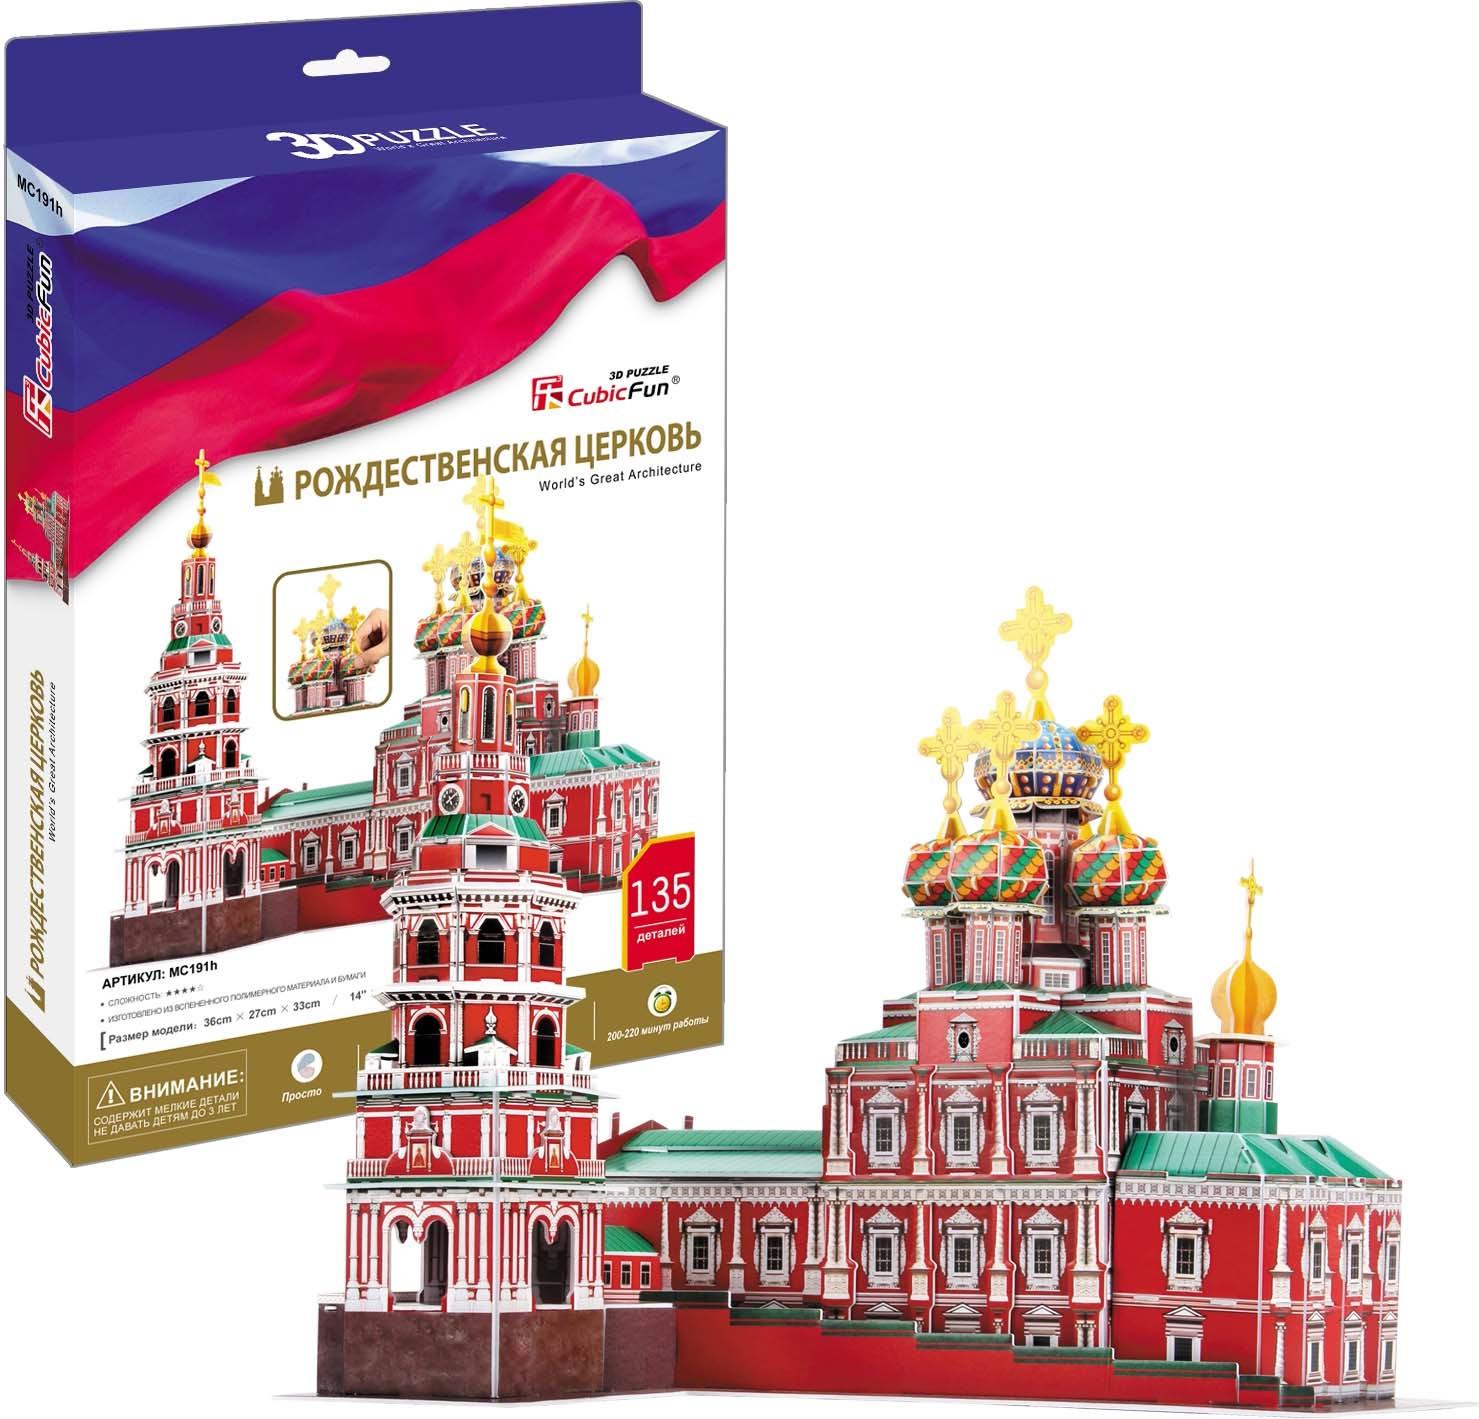 CubicFun Рождественская церковь, 135 элементов пазл 3d cubicfun рождественская церковь россия mc191h